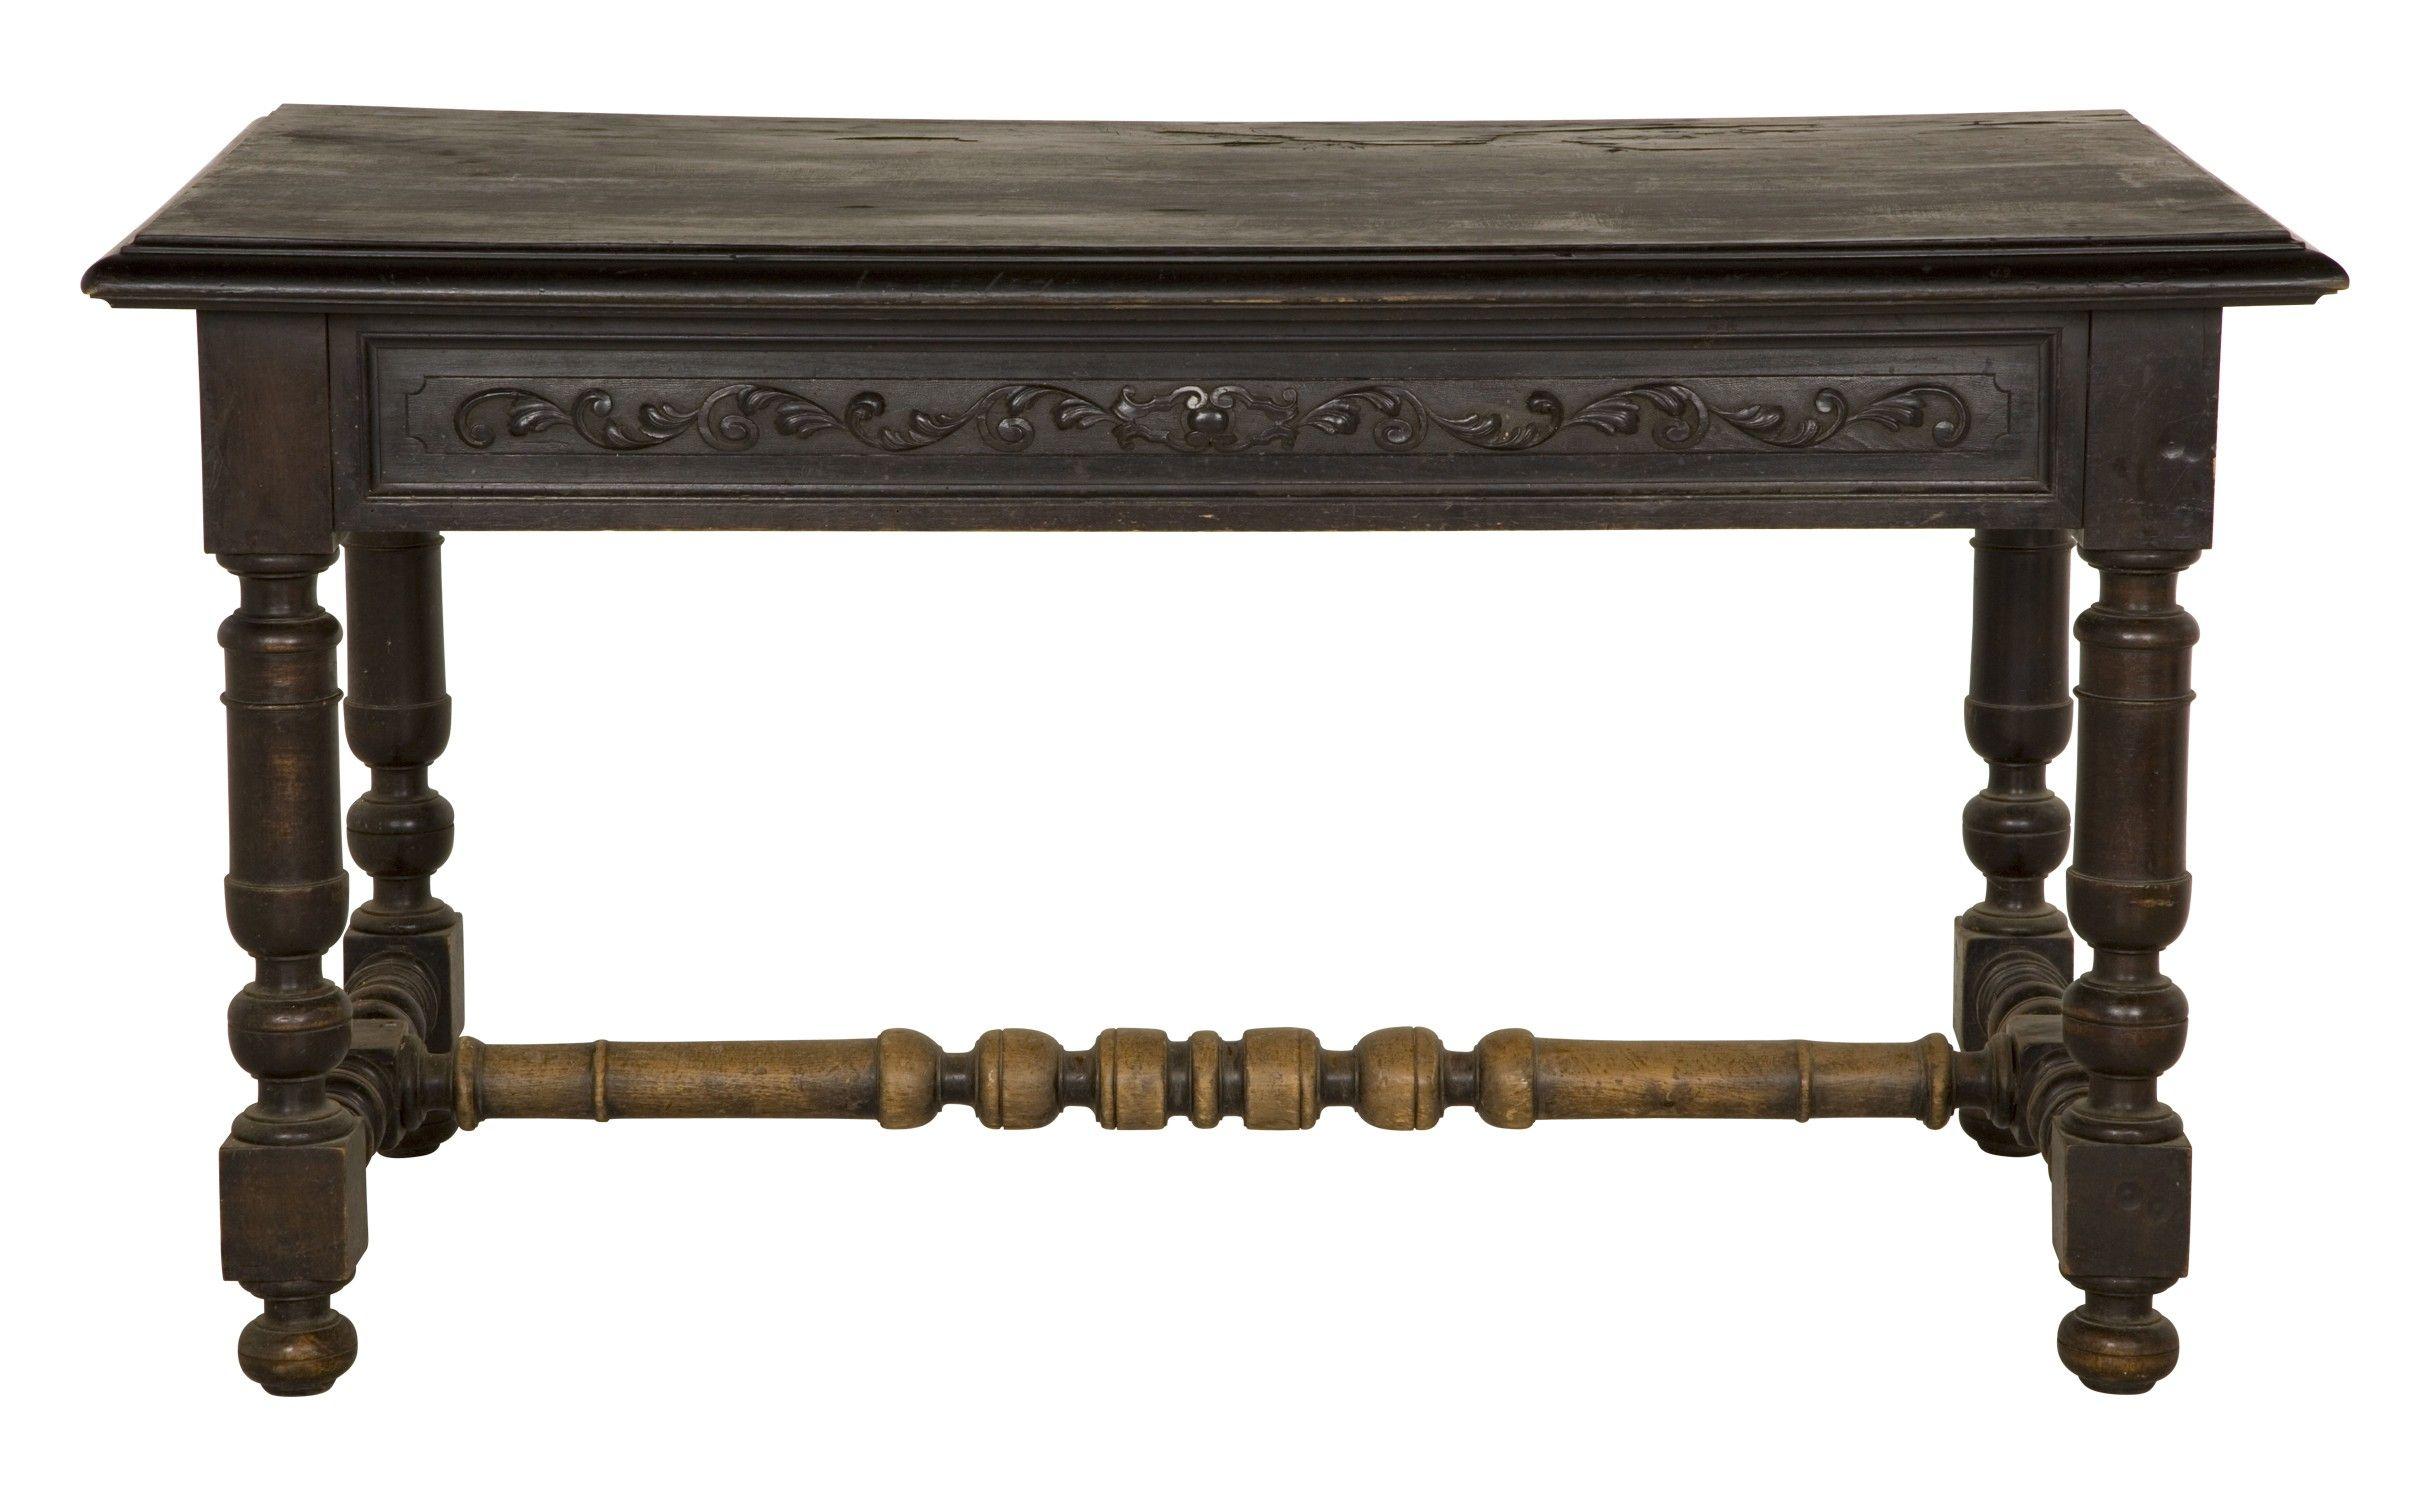 moroccan mirror antique vintage | Home / Antique Napoleon Table